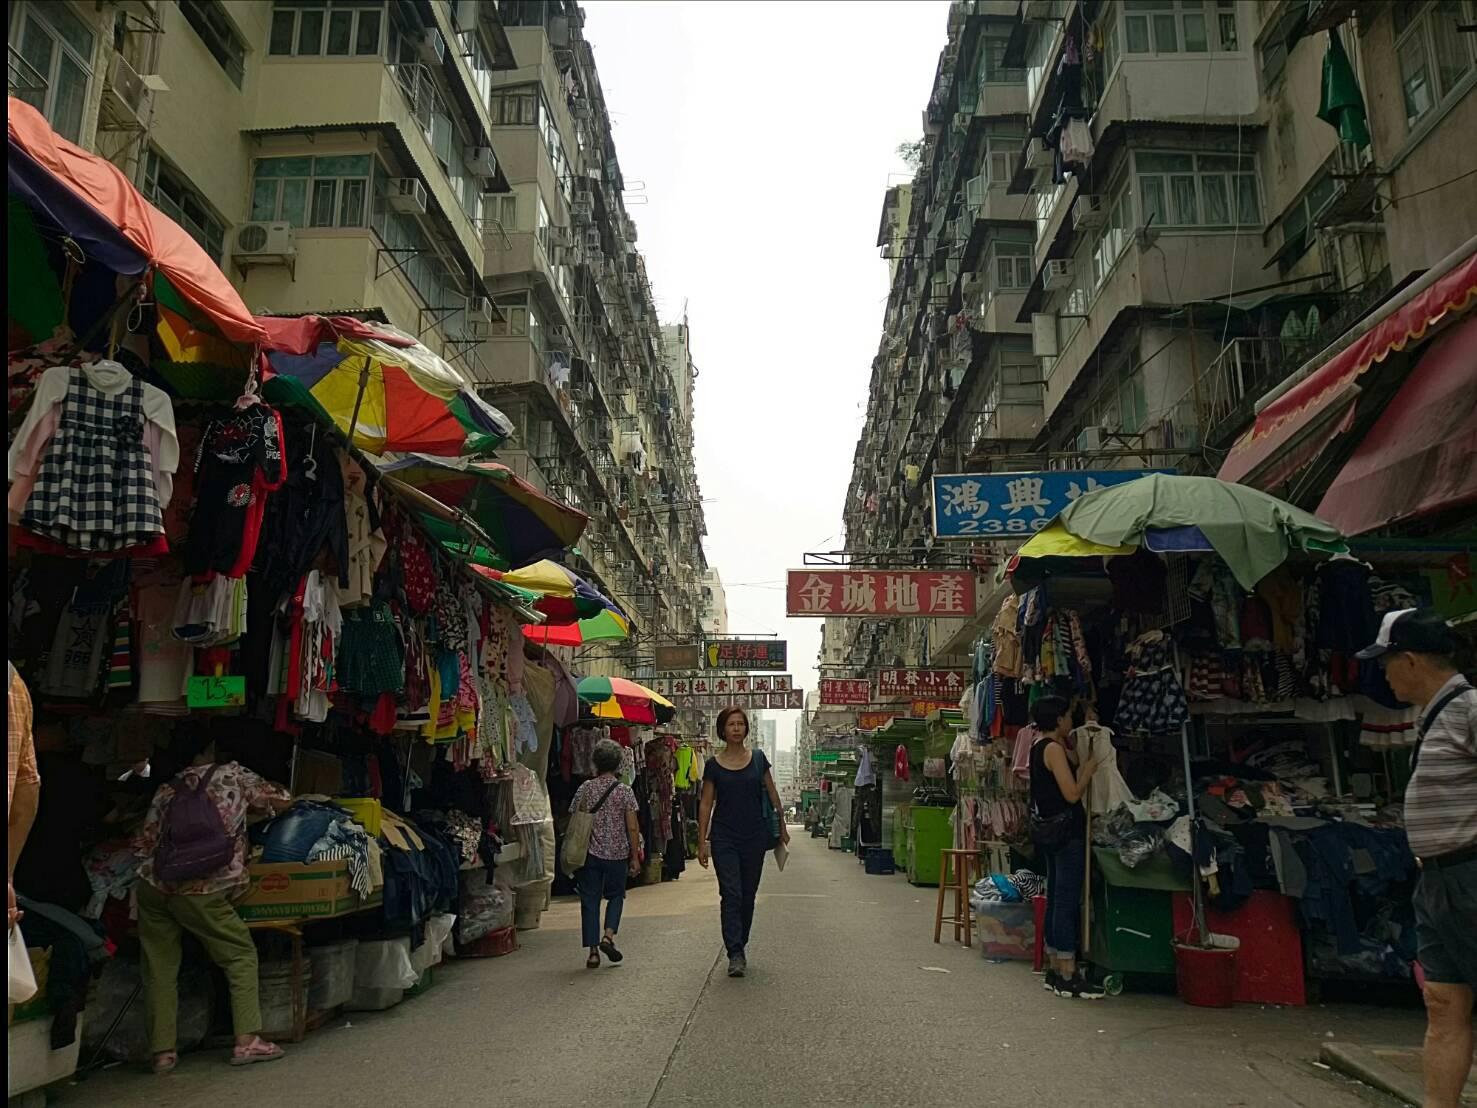 มนุษย์กรง (ในฮ่องกง)